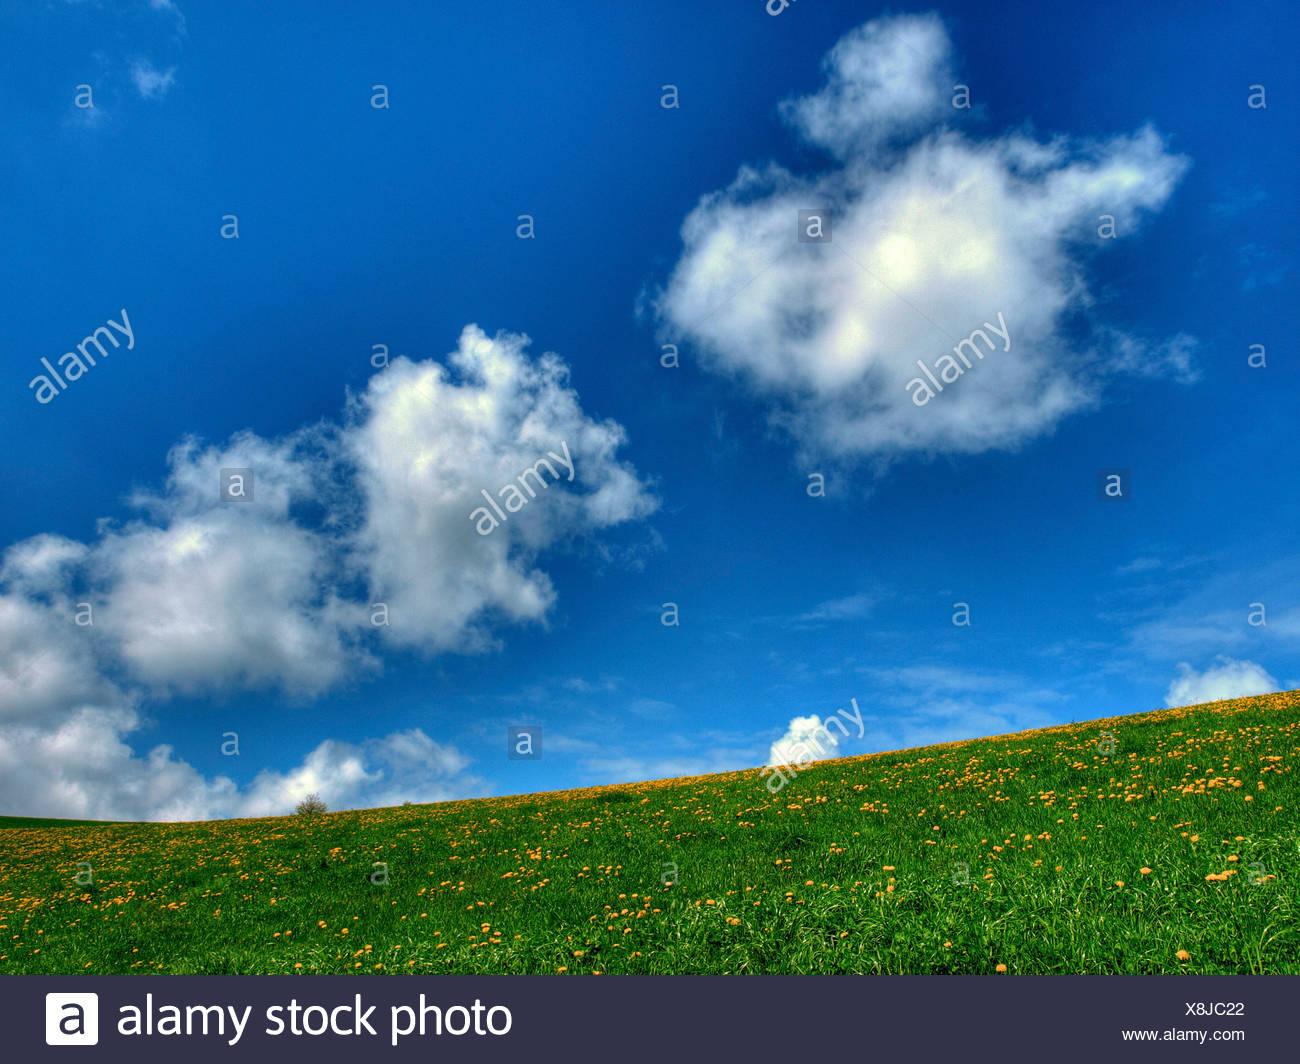 Escenografía, diente de león, la naturaleza, el formato horizontal, el día, la pradera, las nubes, el claustro Gubel, Suiza, en el cantón de Zug, resorte Imagen De Stock